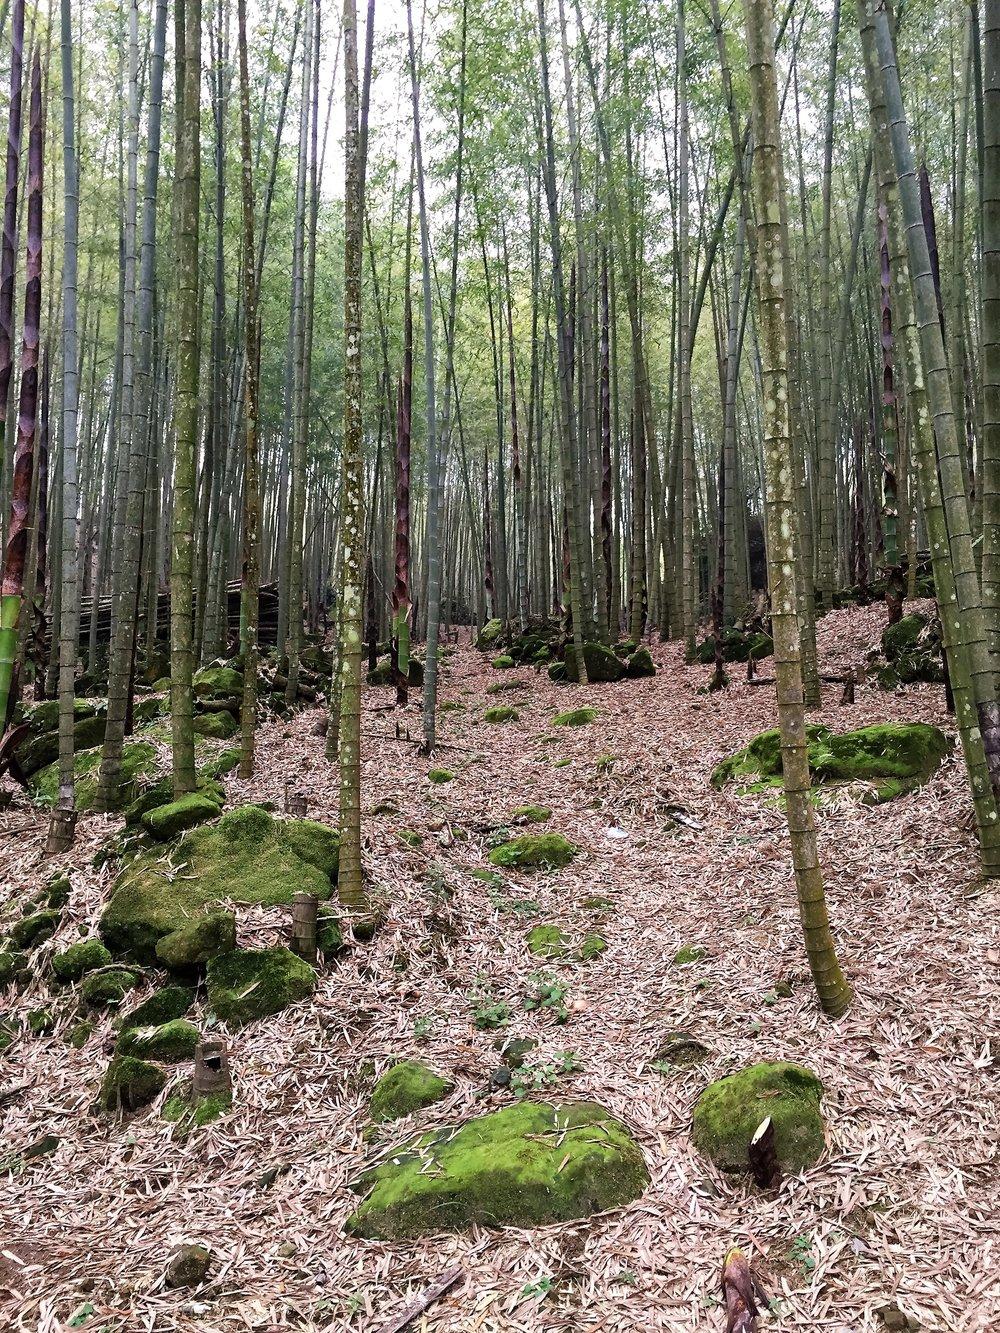 Bamboo grove on Bamboo Mountain in Taiwan, 2016